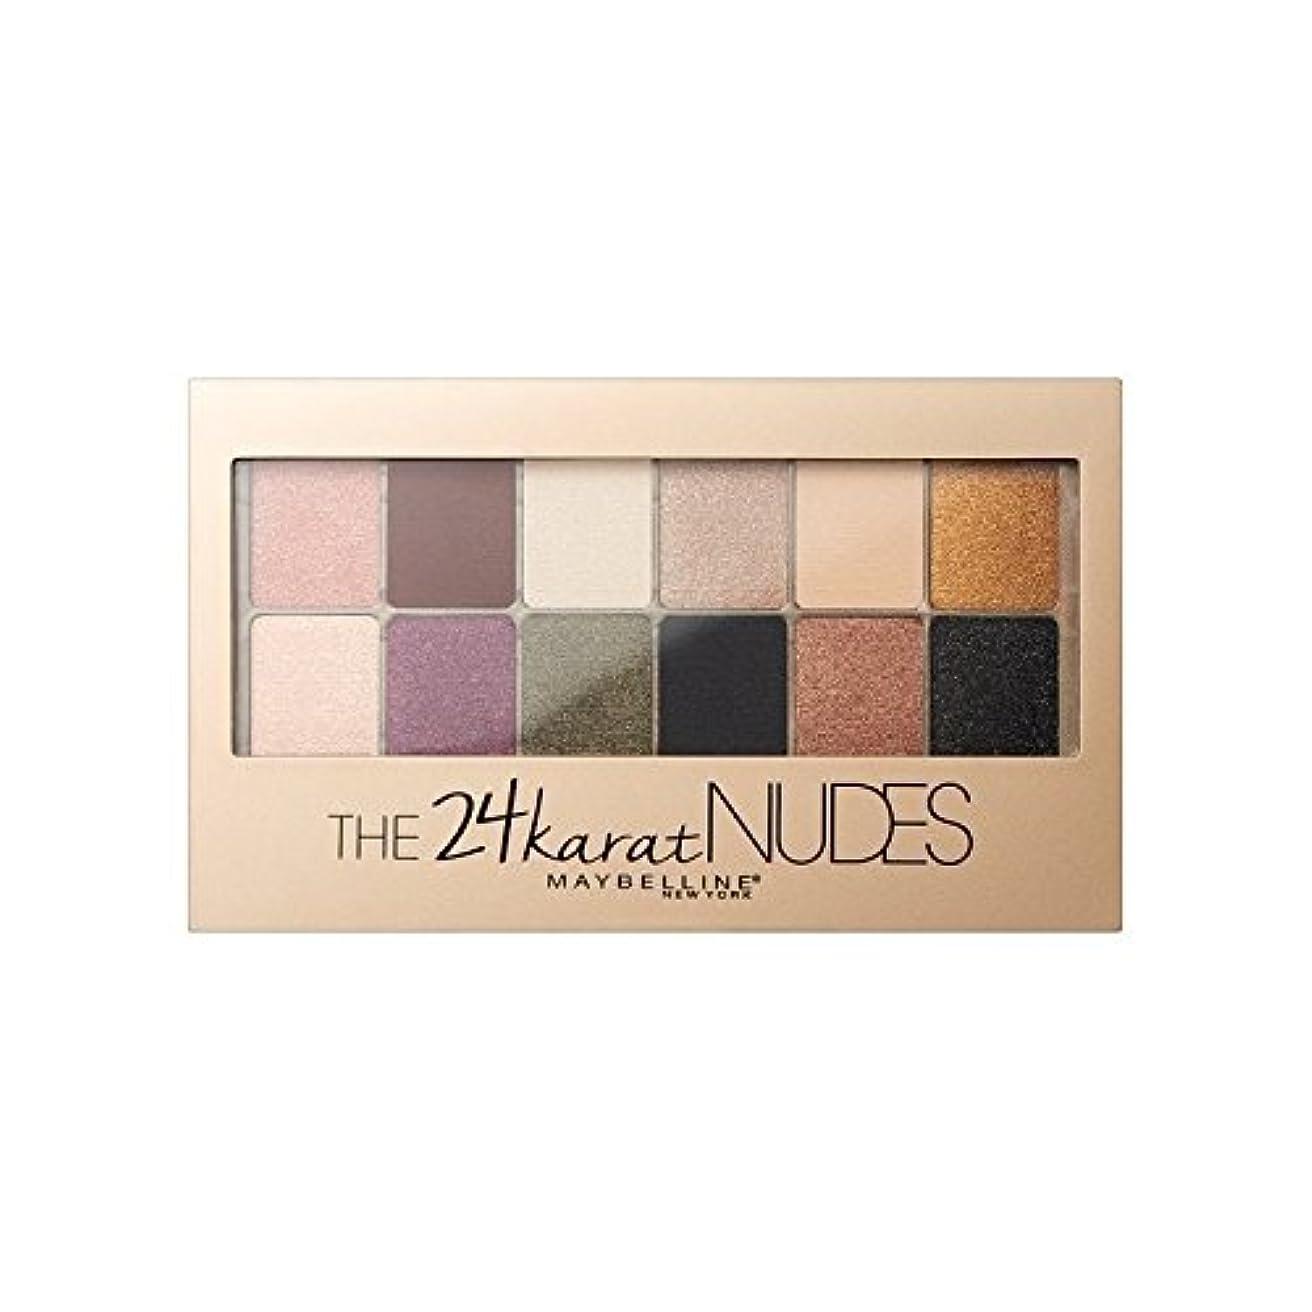 Maybelline 24 Karat Nudes Eye Shadow Palette (Pack of 6) - メイベリン24カラットヌードアイシャドウパレット x6 [並行輸入品]